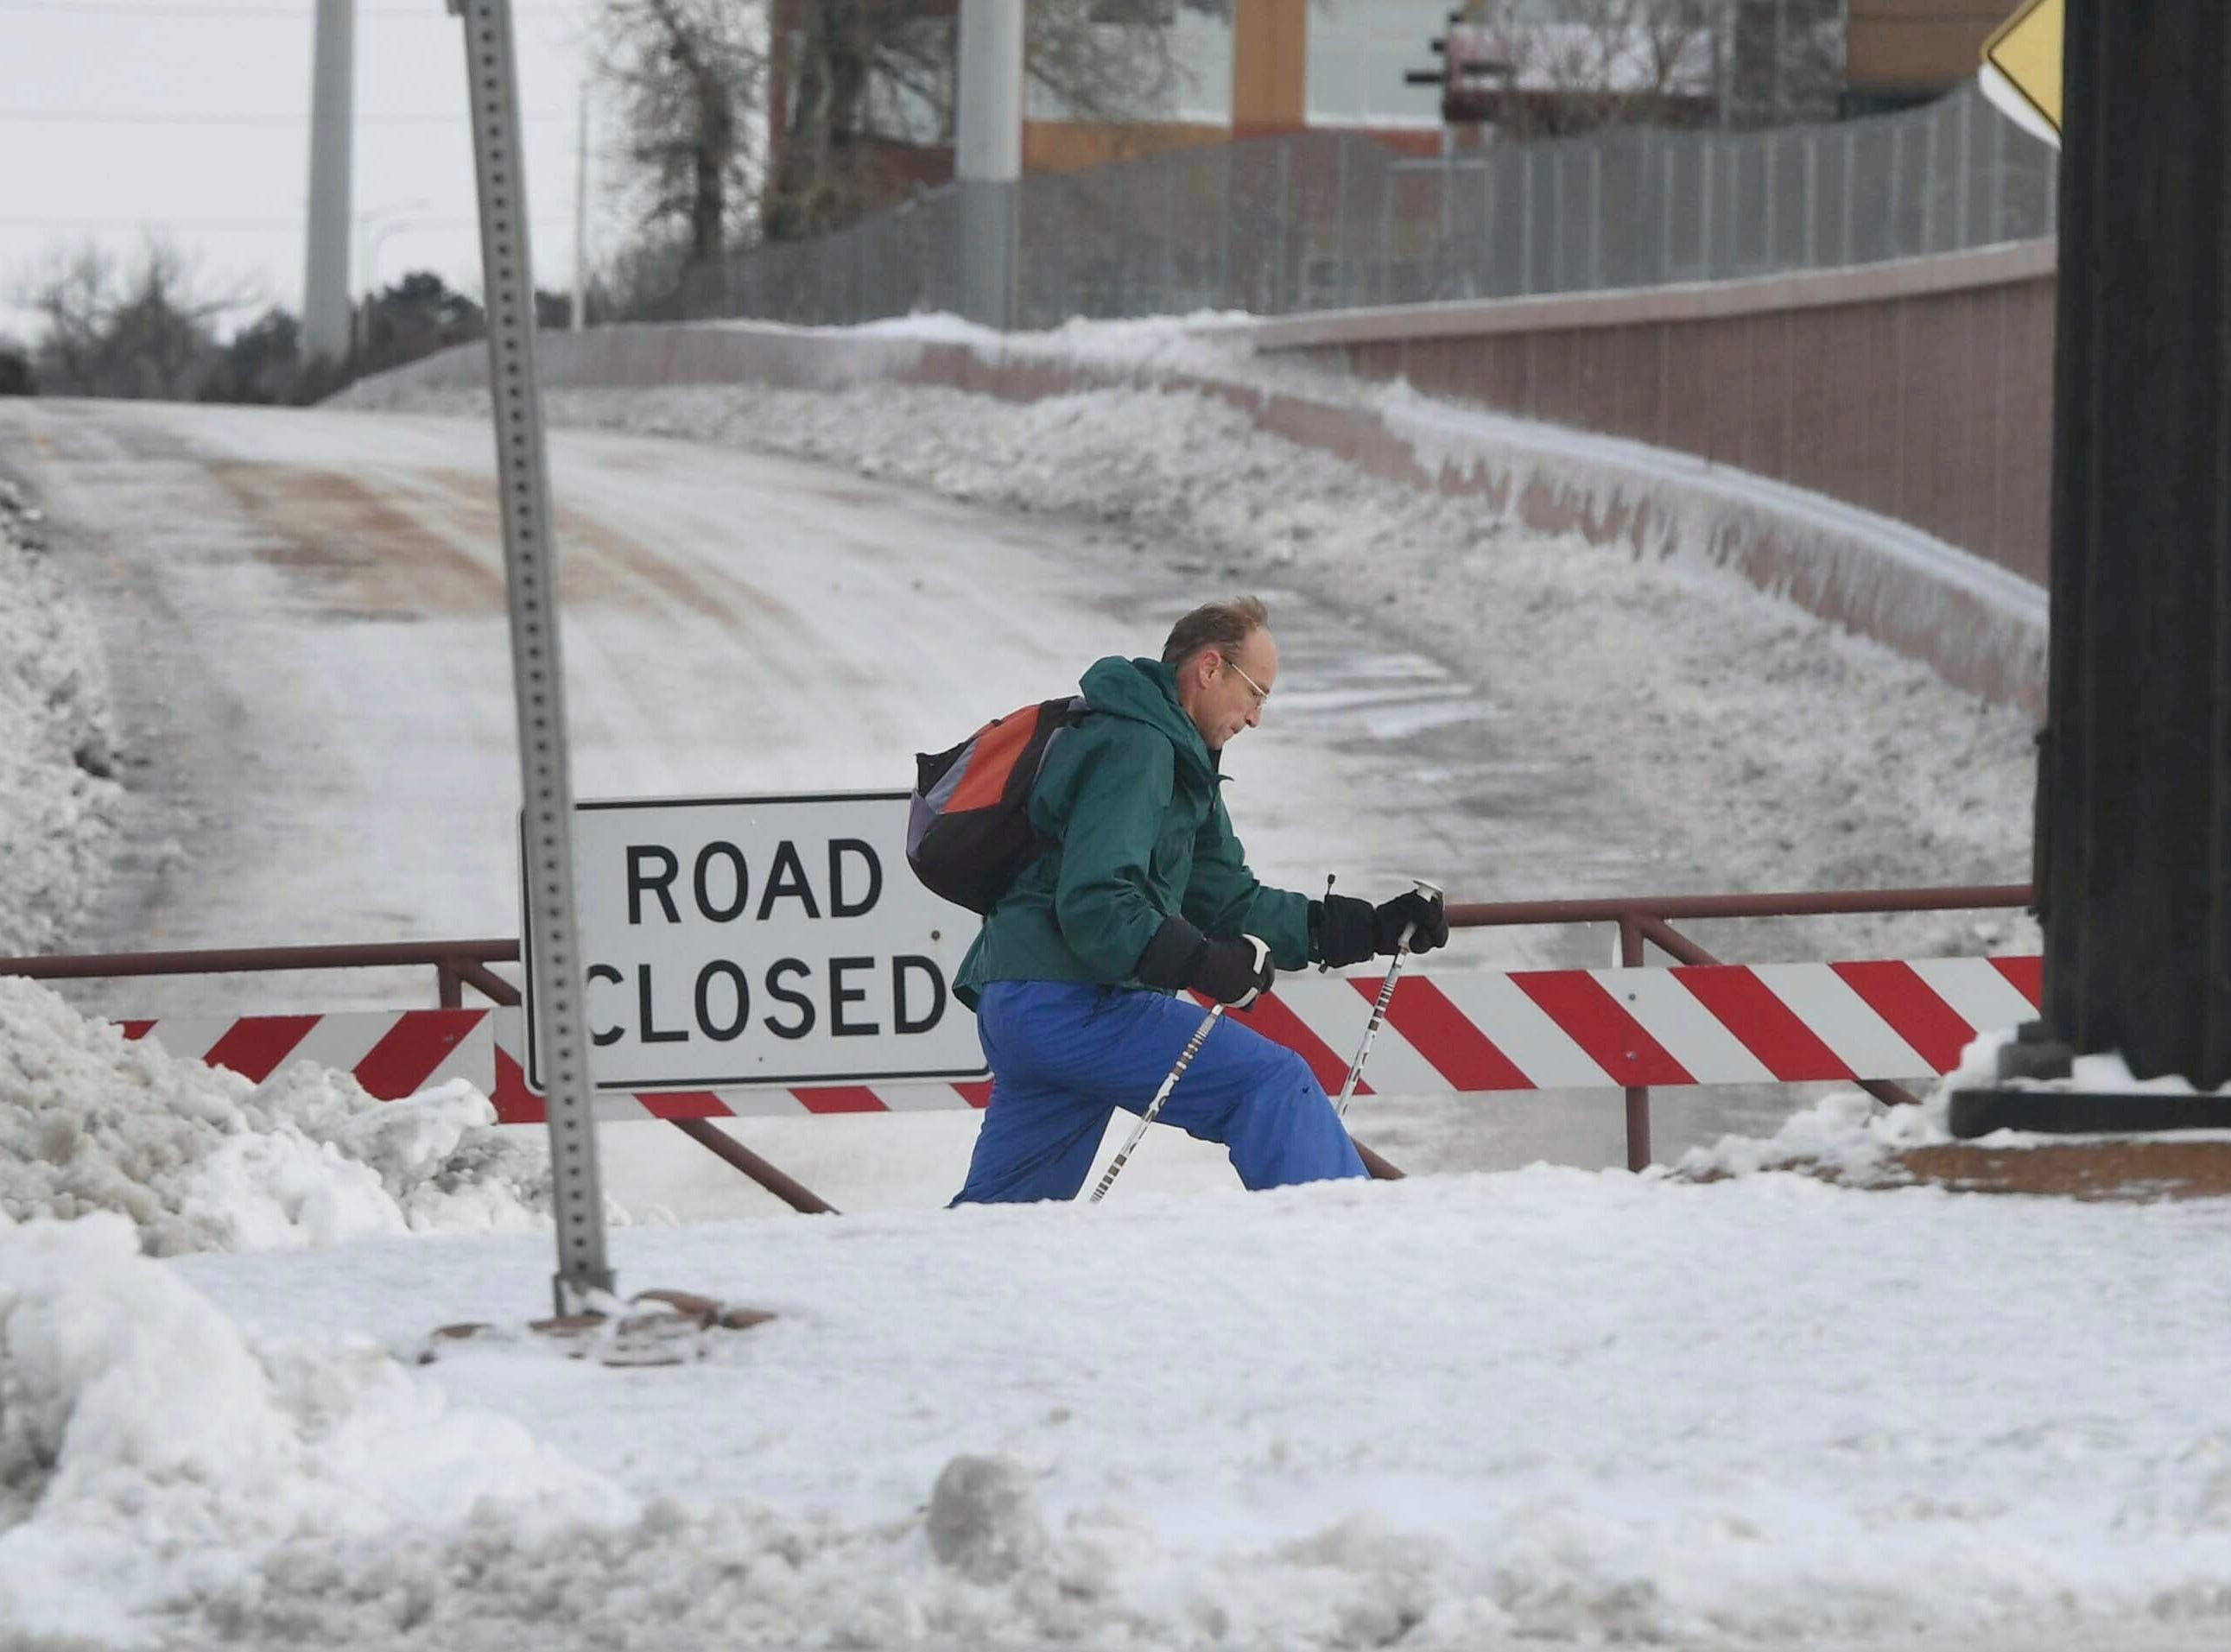 Un hombre pasa por la rampa cerrada hacia la I-25 en Woodmen Rd. en Colorado Springs, Colorado. Jueves, 14 de marzo de 2019. Una tormenta de nieve que paralizó partes de Colorado y Wyoming se precipitó hacia el Medio Oeste el jueves, lo que provocó la desaparición de las zonas blancas del oeste de Nebraska y el vertido de lluvias torrenciales que provocaron evacuaciones en las comunidades más al este.